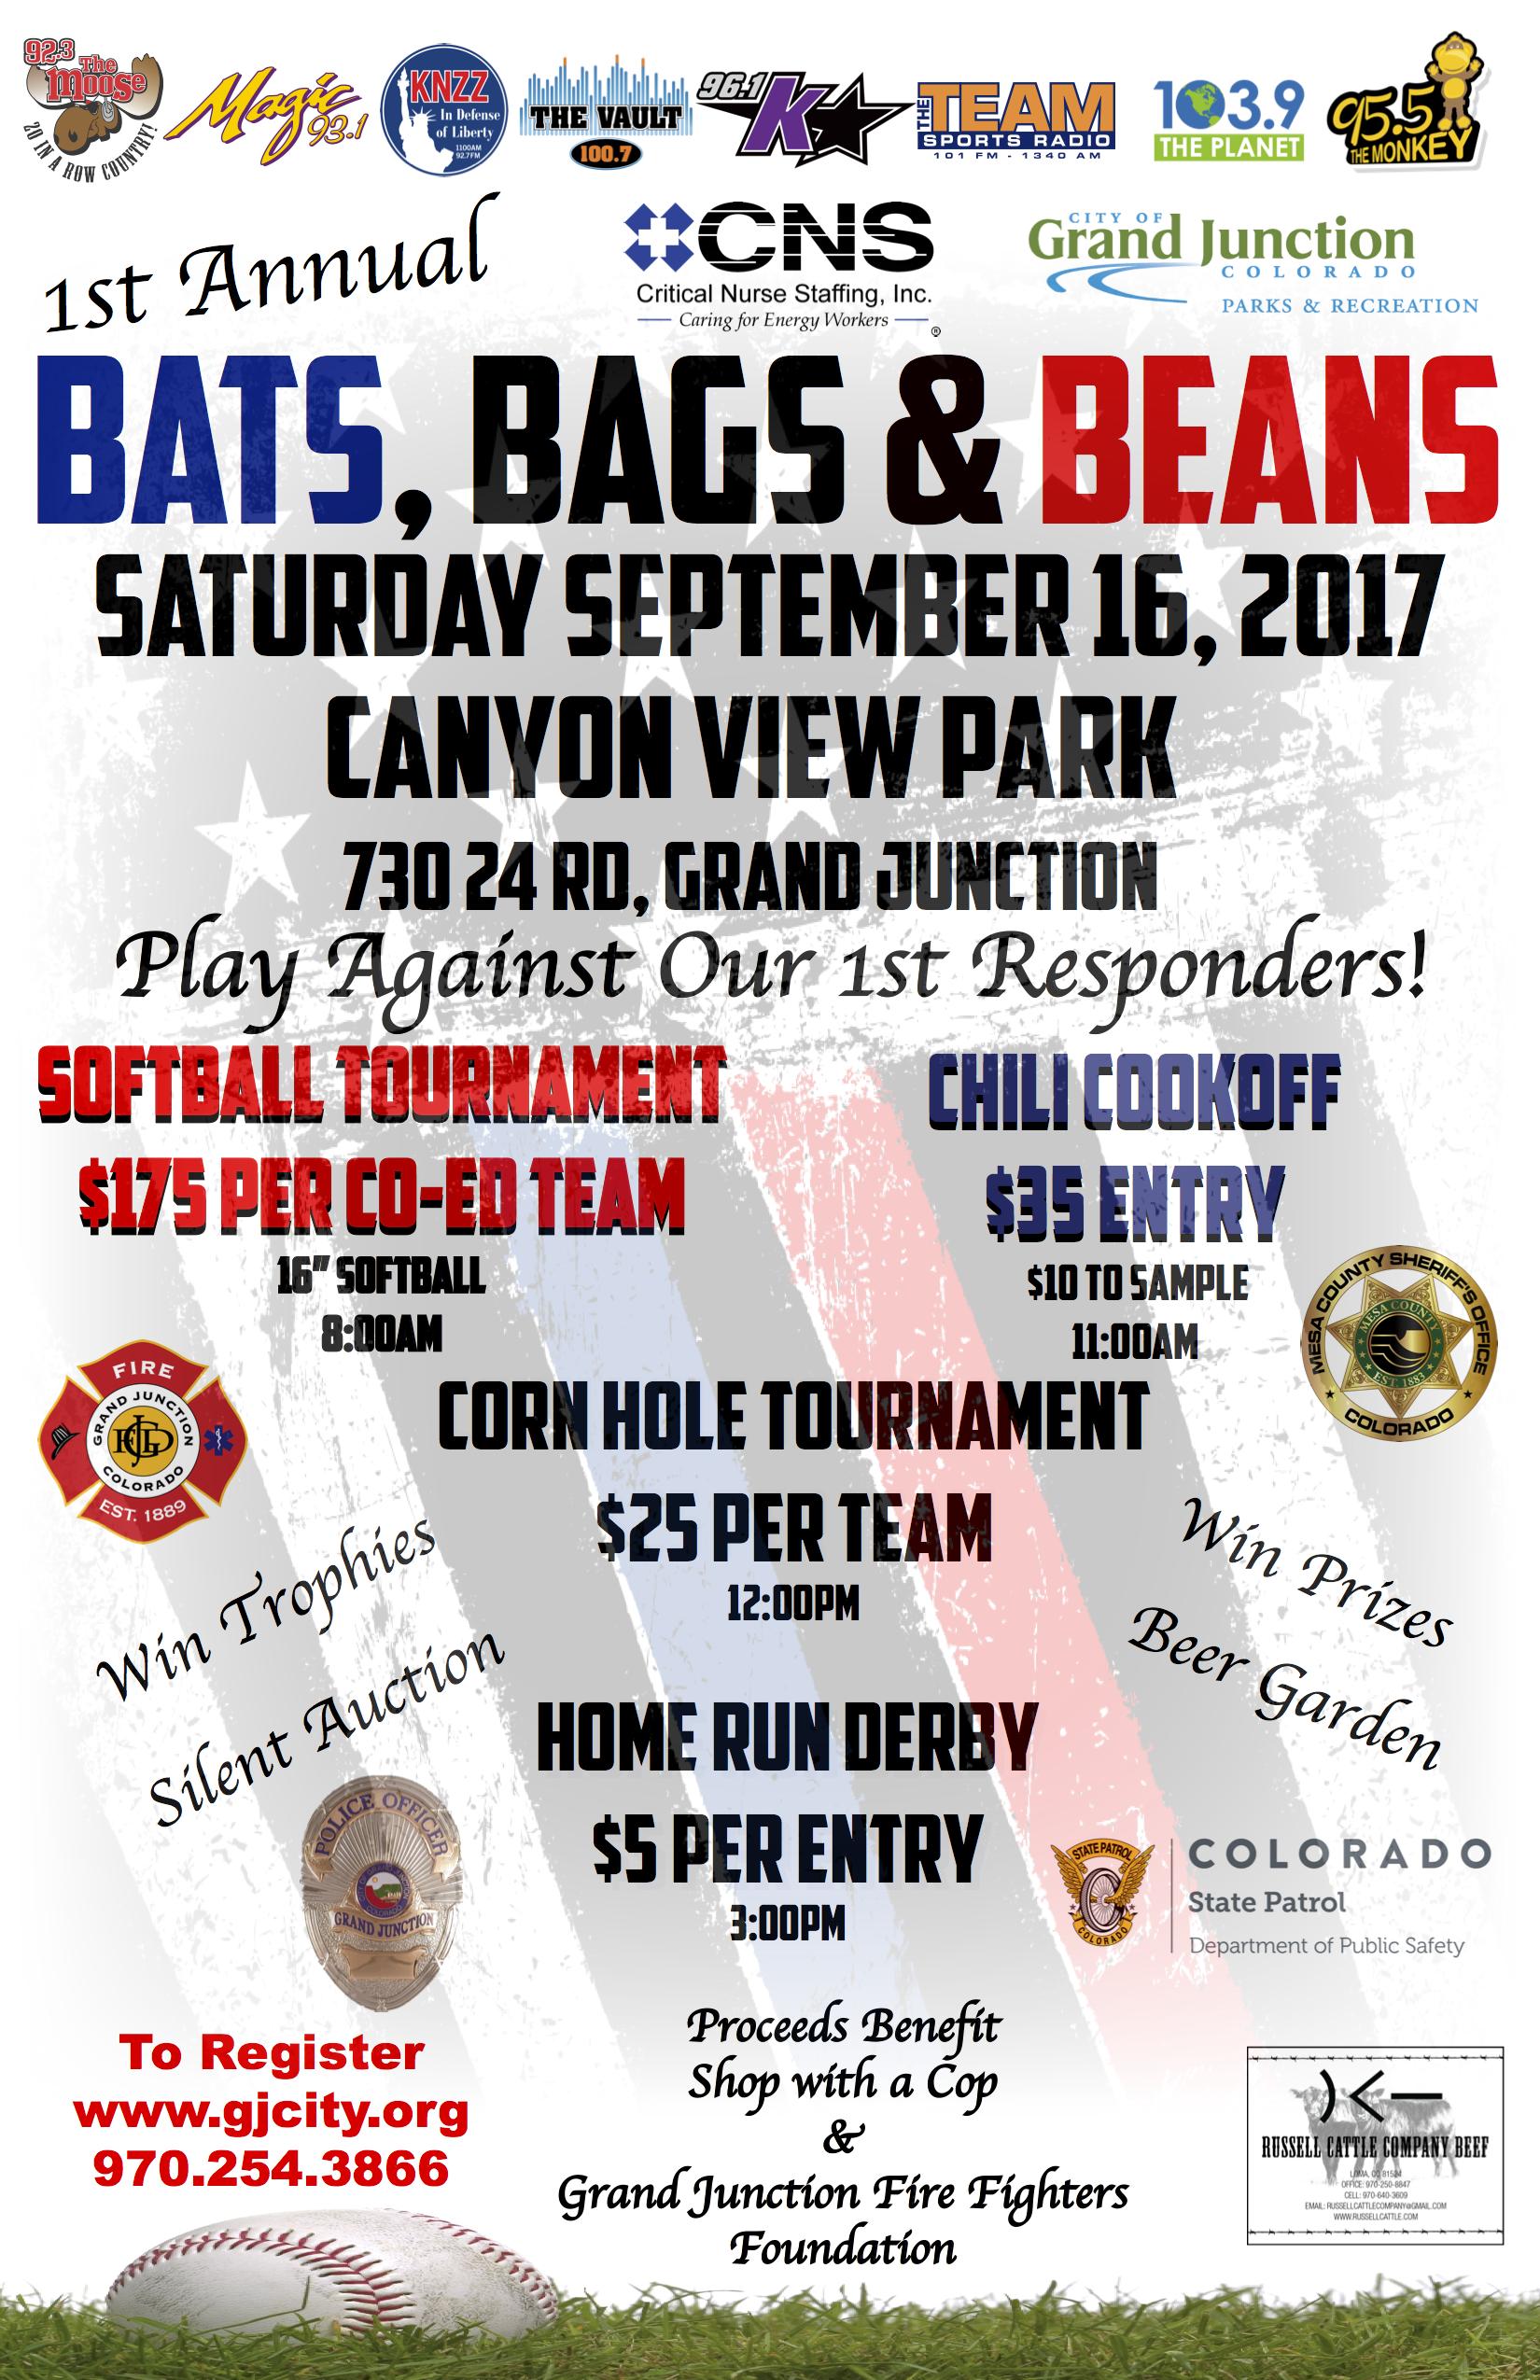 bats-bags-beans2017-11x17-2